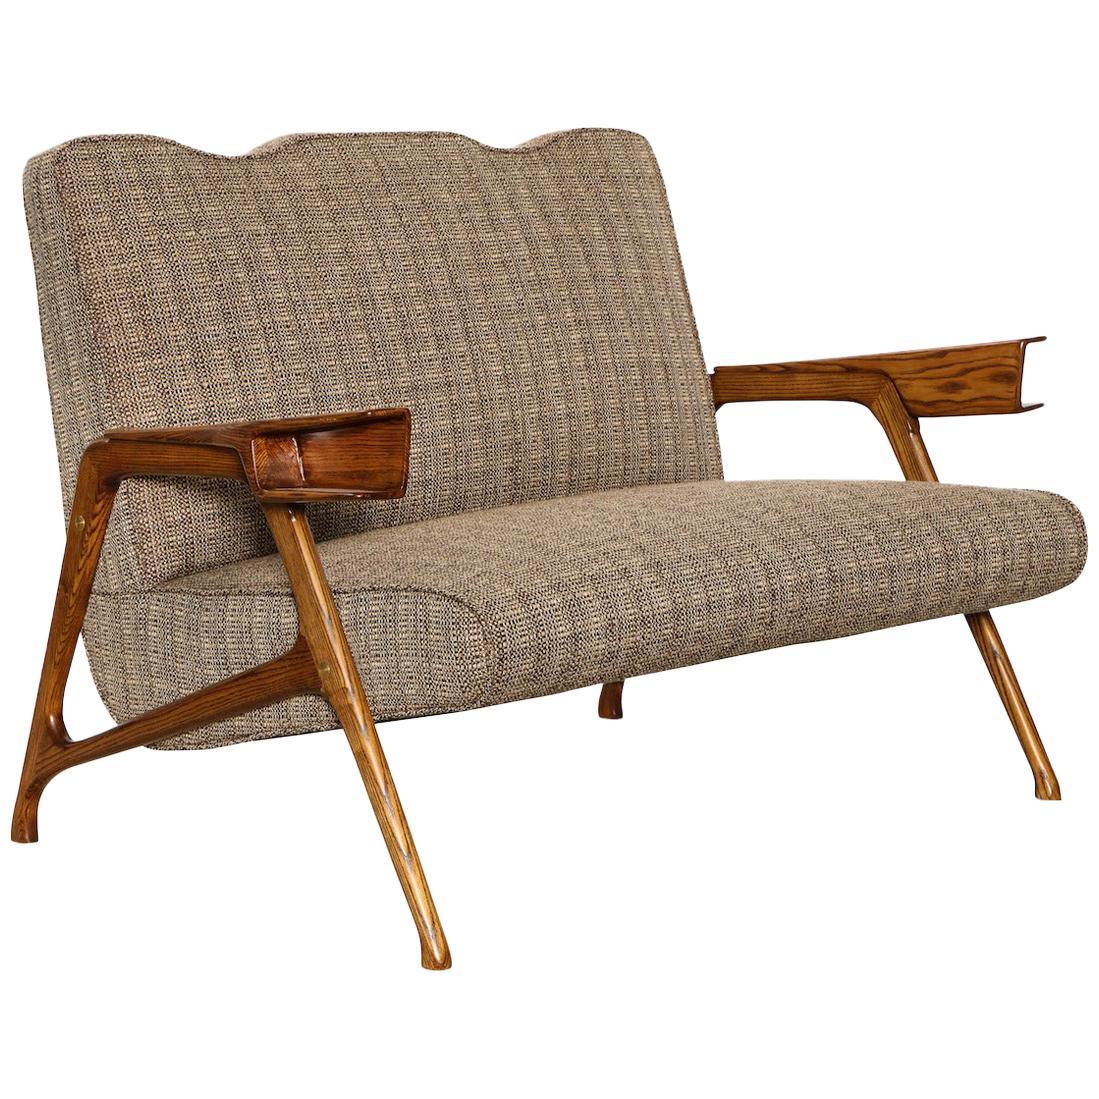 Architectural 2-Seat Sofa